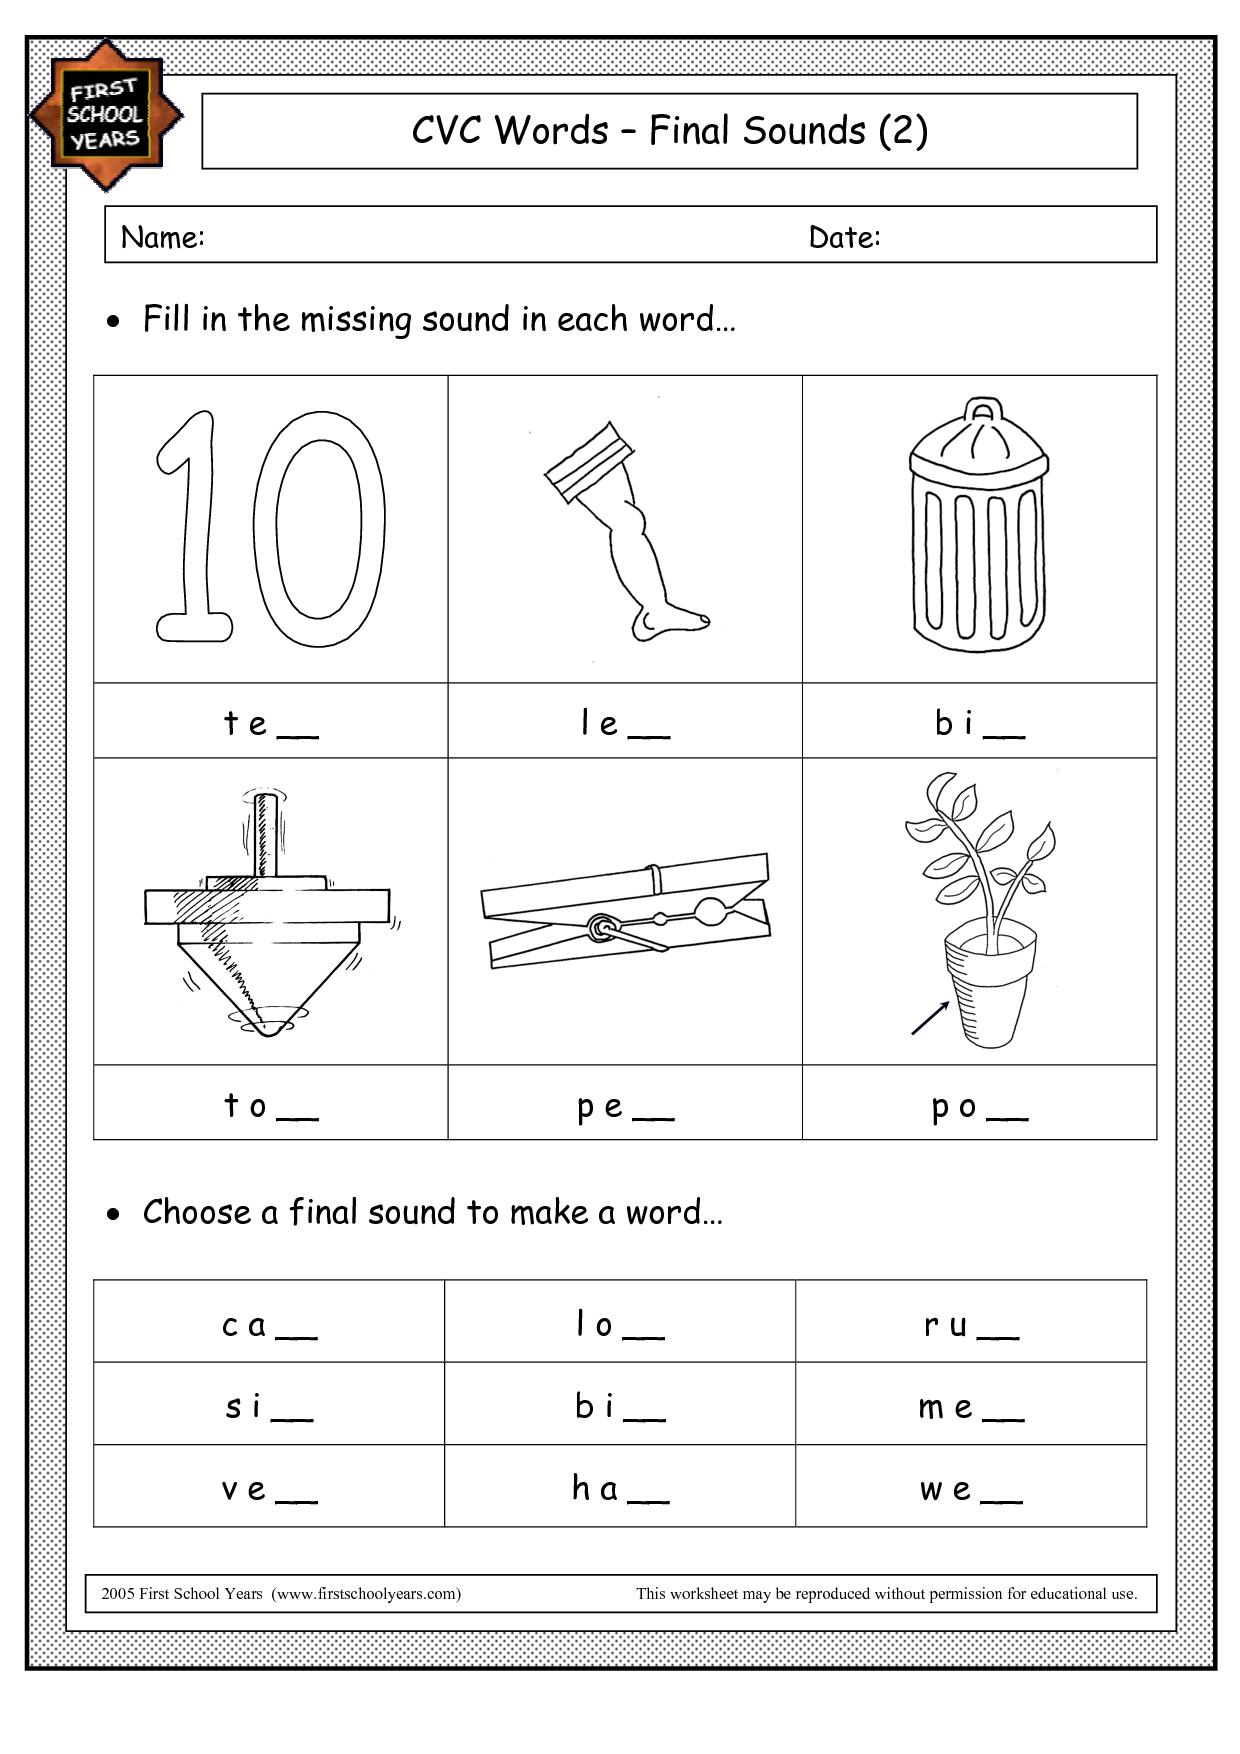 ending sound worksheet cvc words pinterest worksheets phonics and literacy. Black Bedroom Furniture Sets. Home Design Ideas